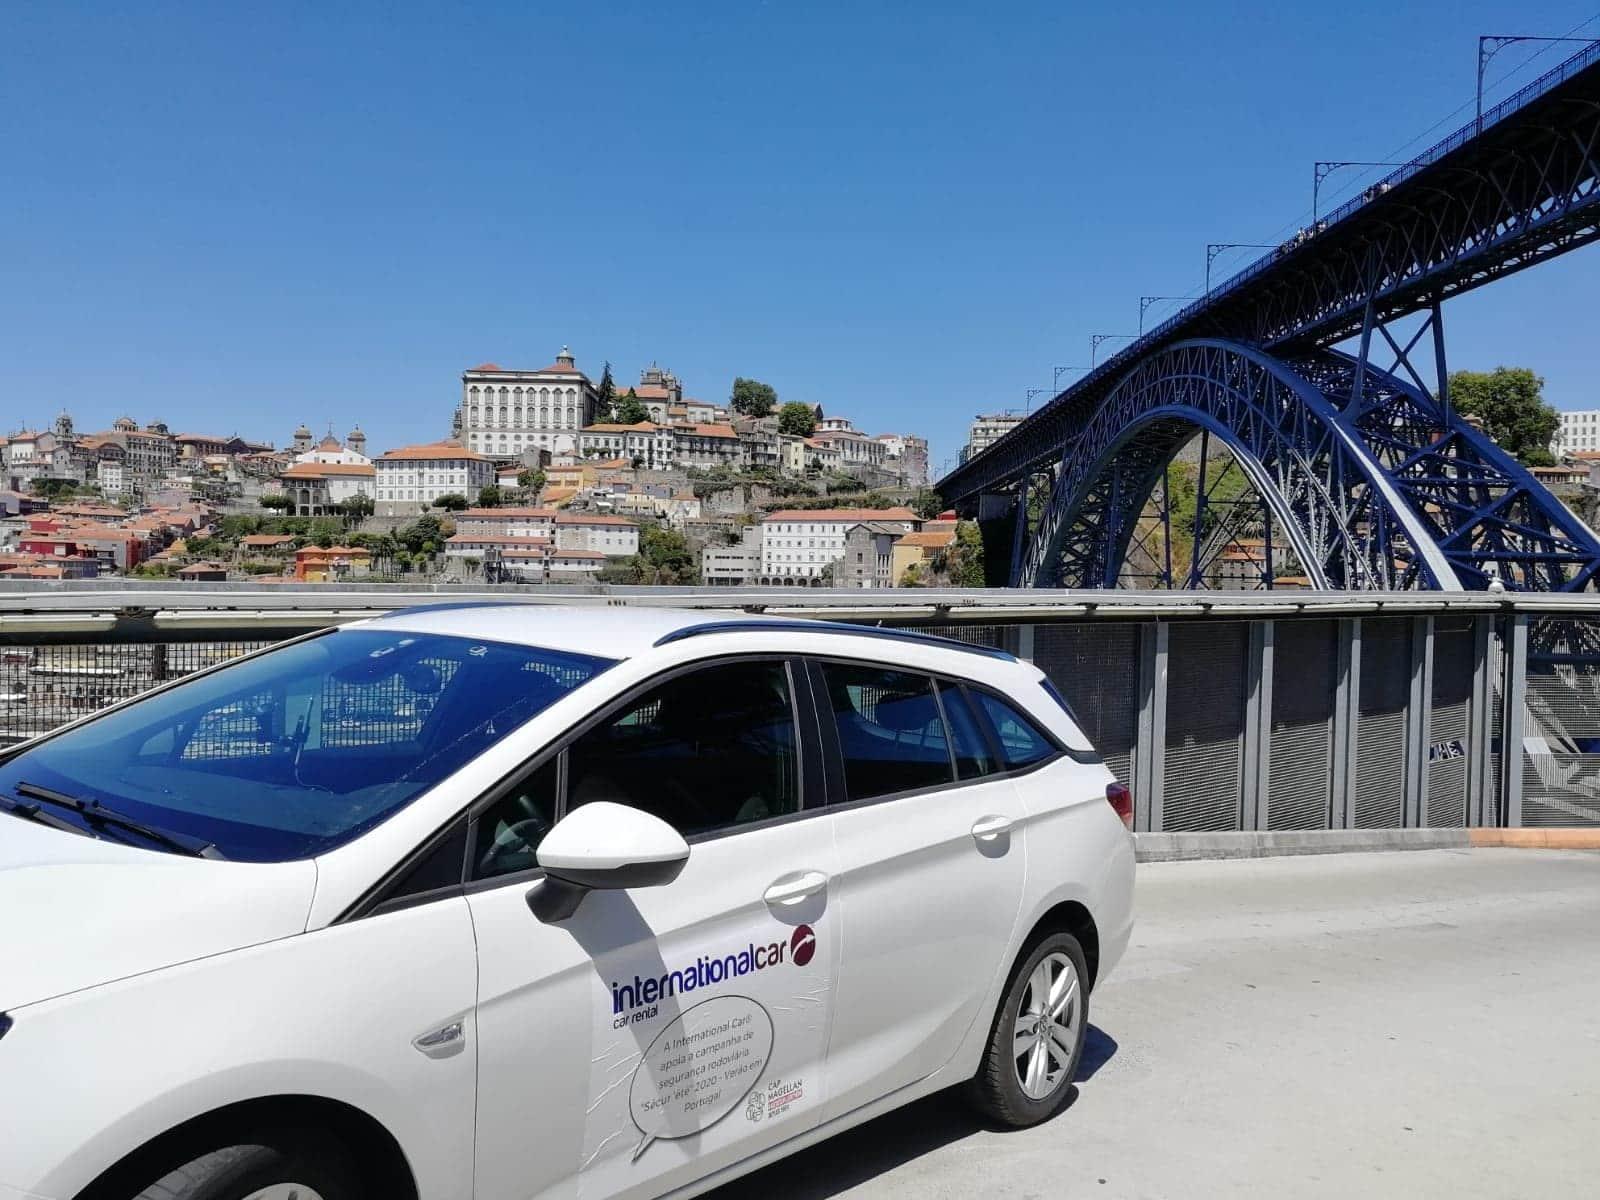 Sécurété2020 - Sécurité à Porto - 27/07/2020